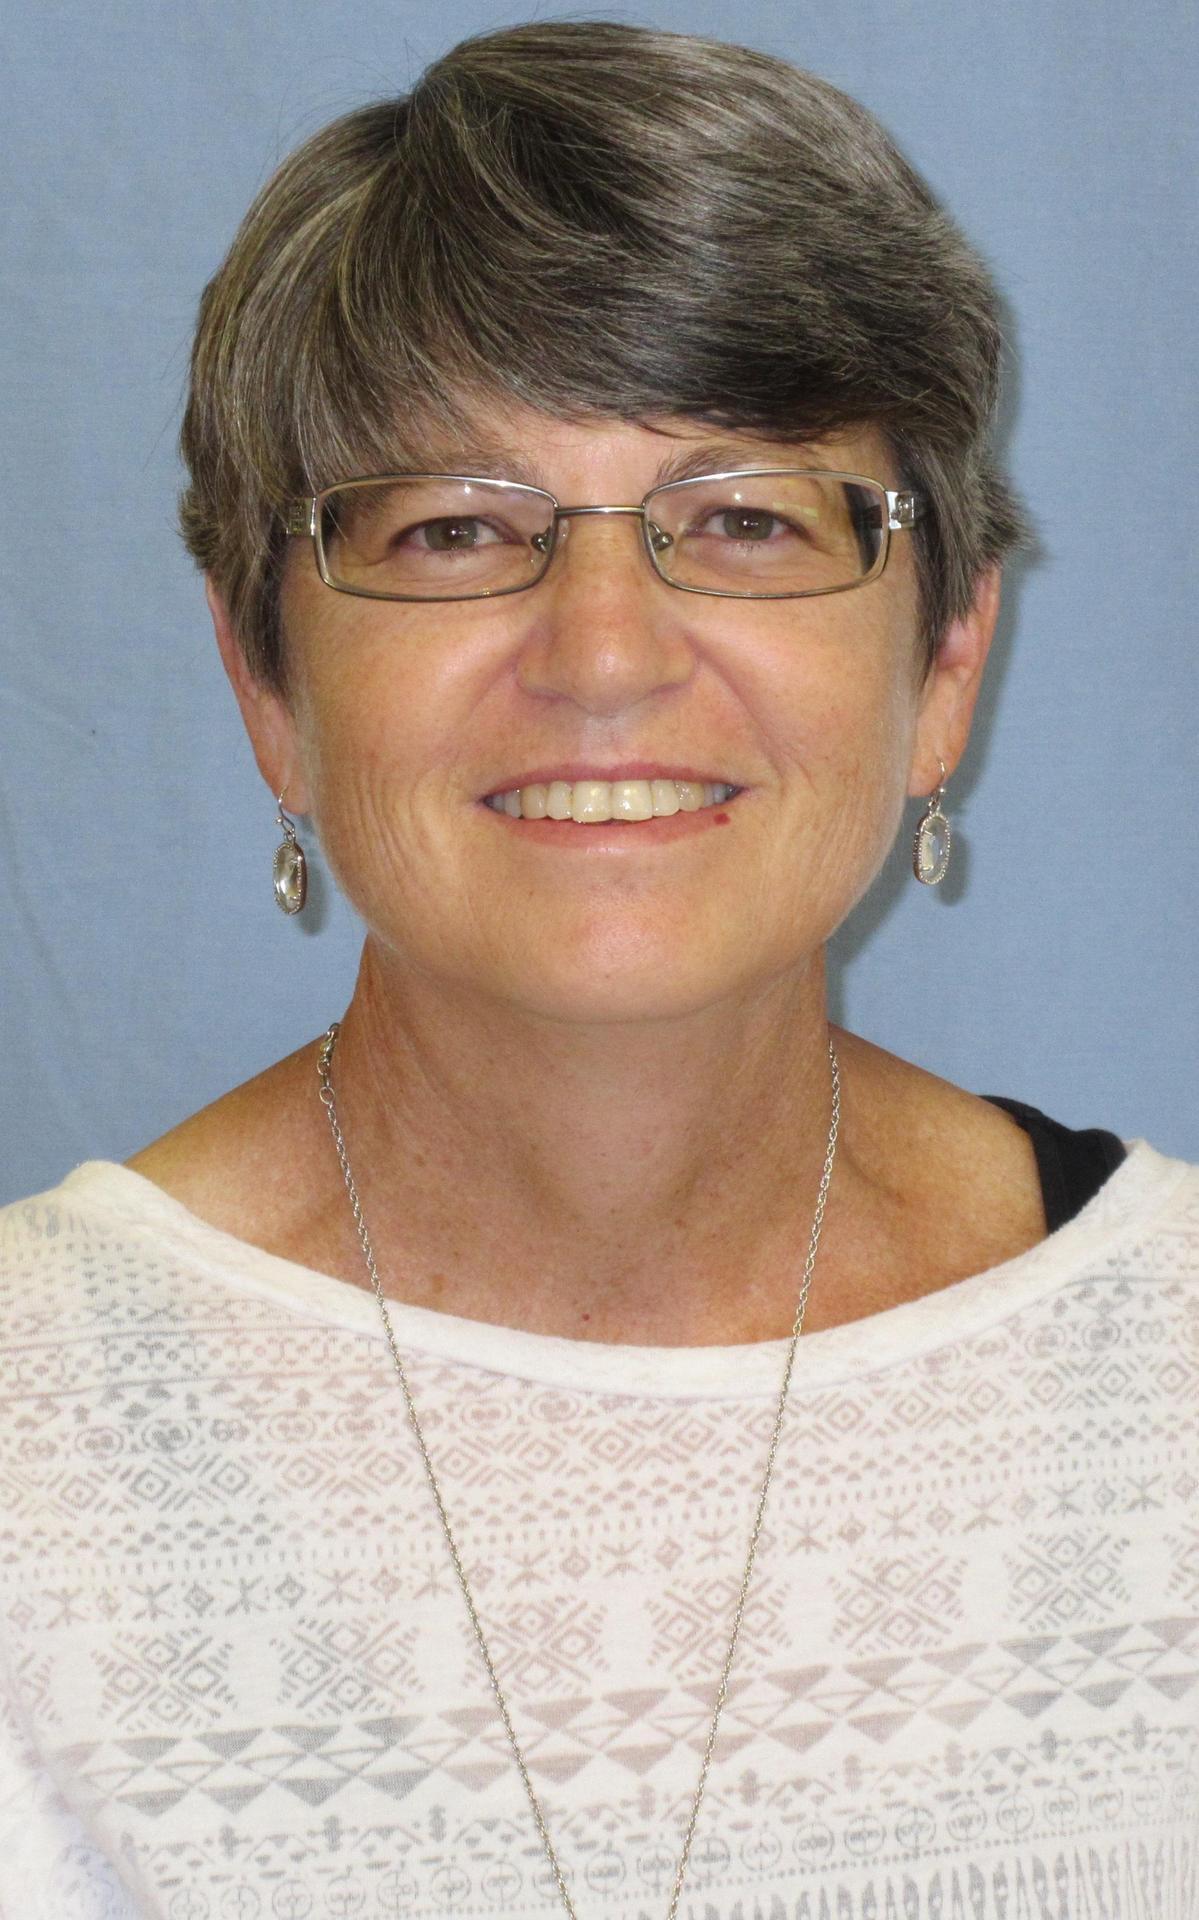 Lisa Whipple